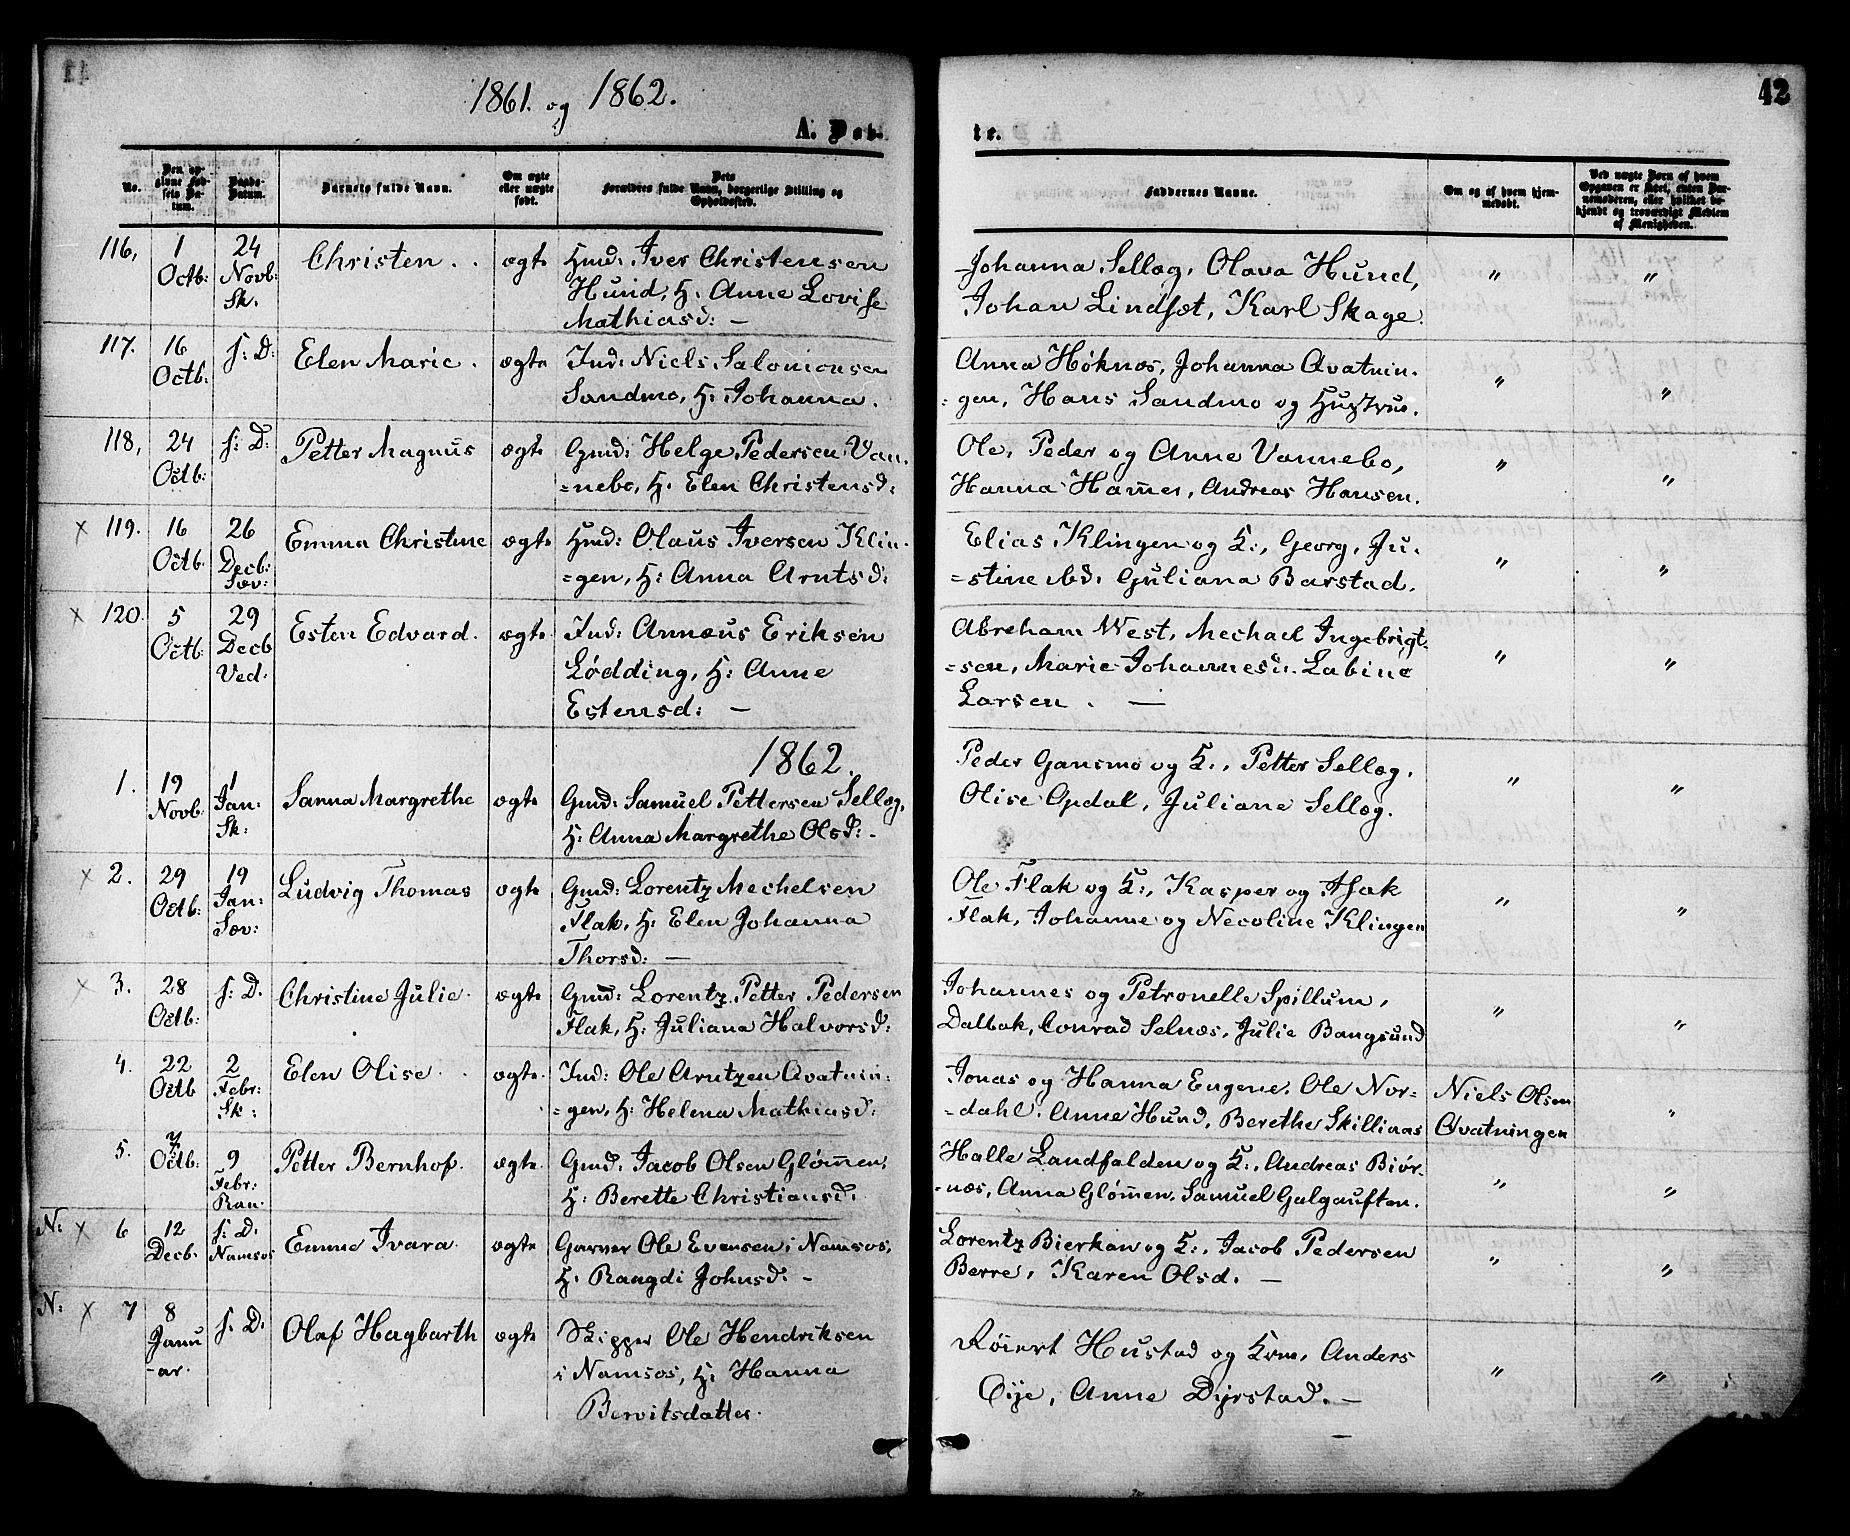 SAT, Ministerialprotokoller, klokkerbøker og fødselsregistre - Nord-Trøndelag, 764/L0553: Ministerialbok nr. 764A08, 1858-1880, s. 42